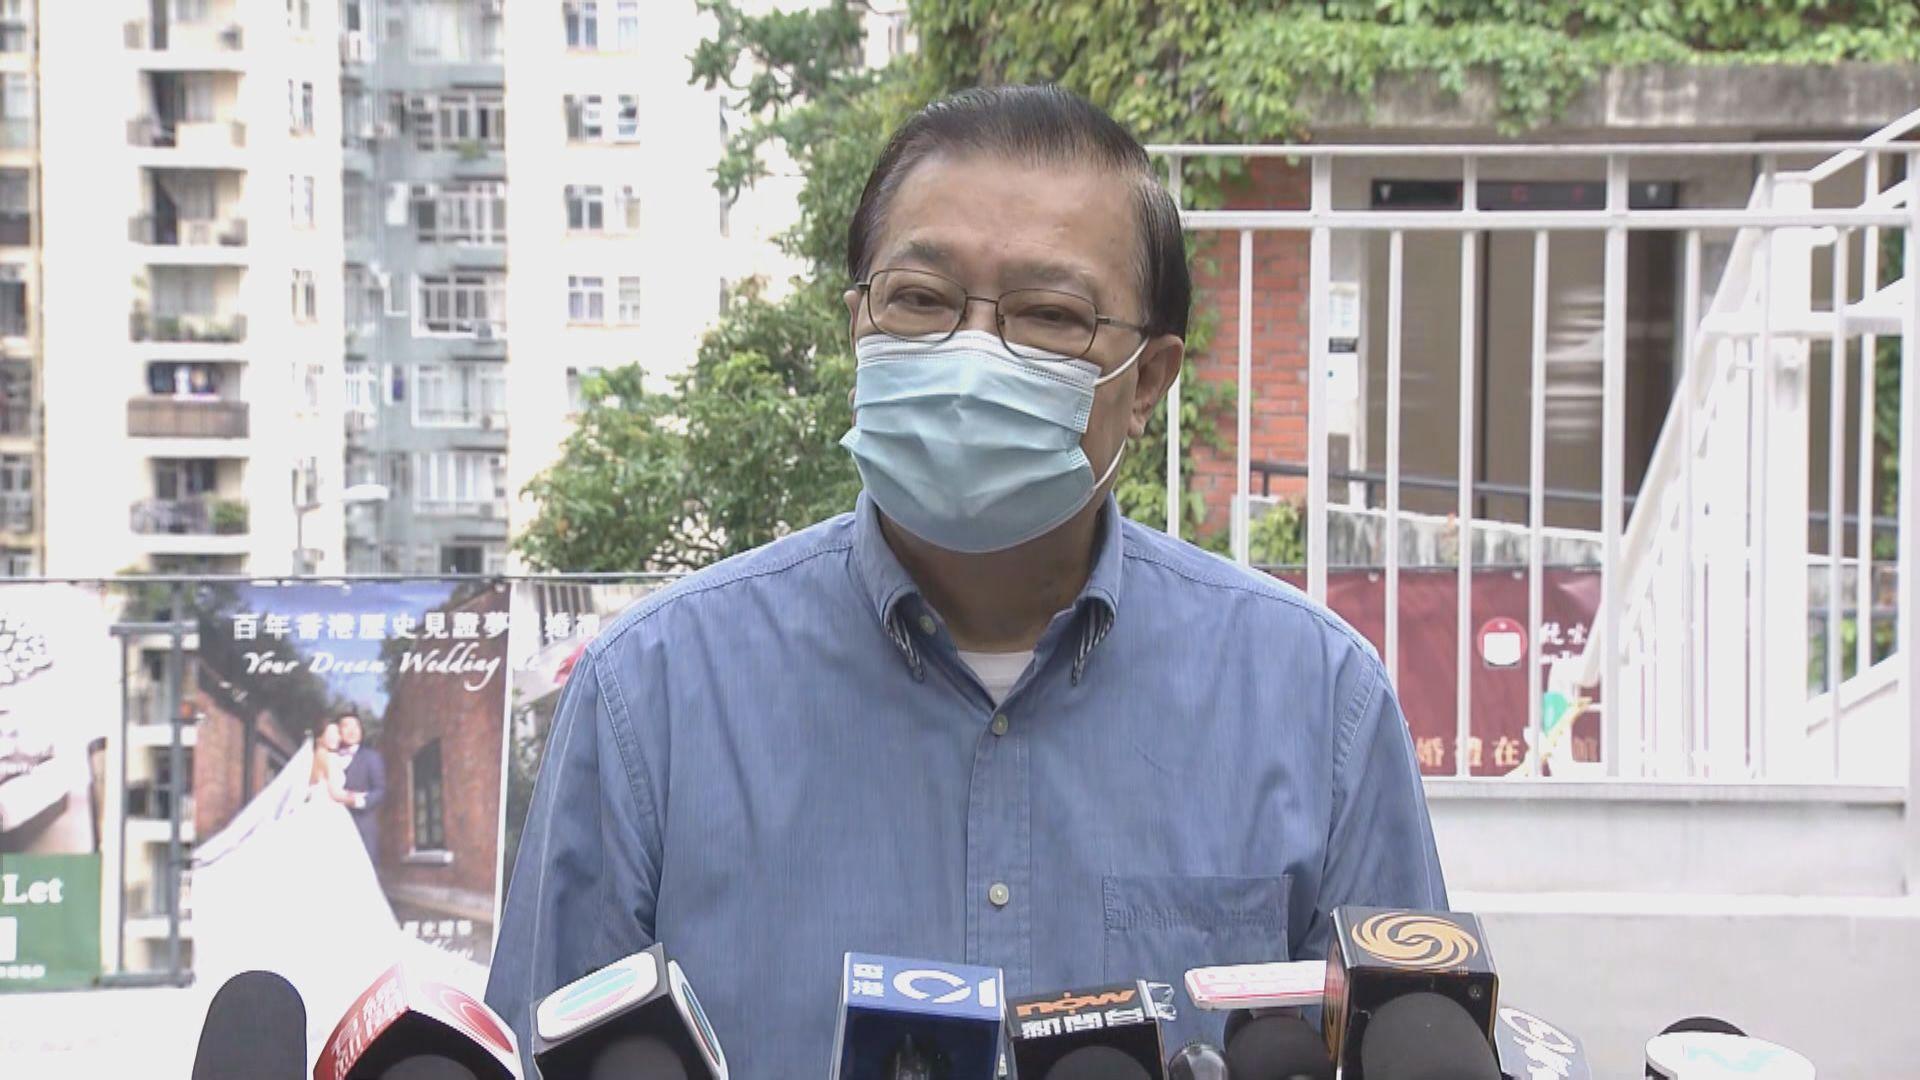 譚耀宗:結束一黨專政有問題 是否違國安法需全面考慮